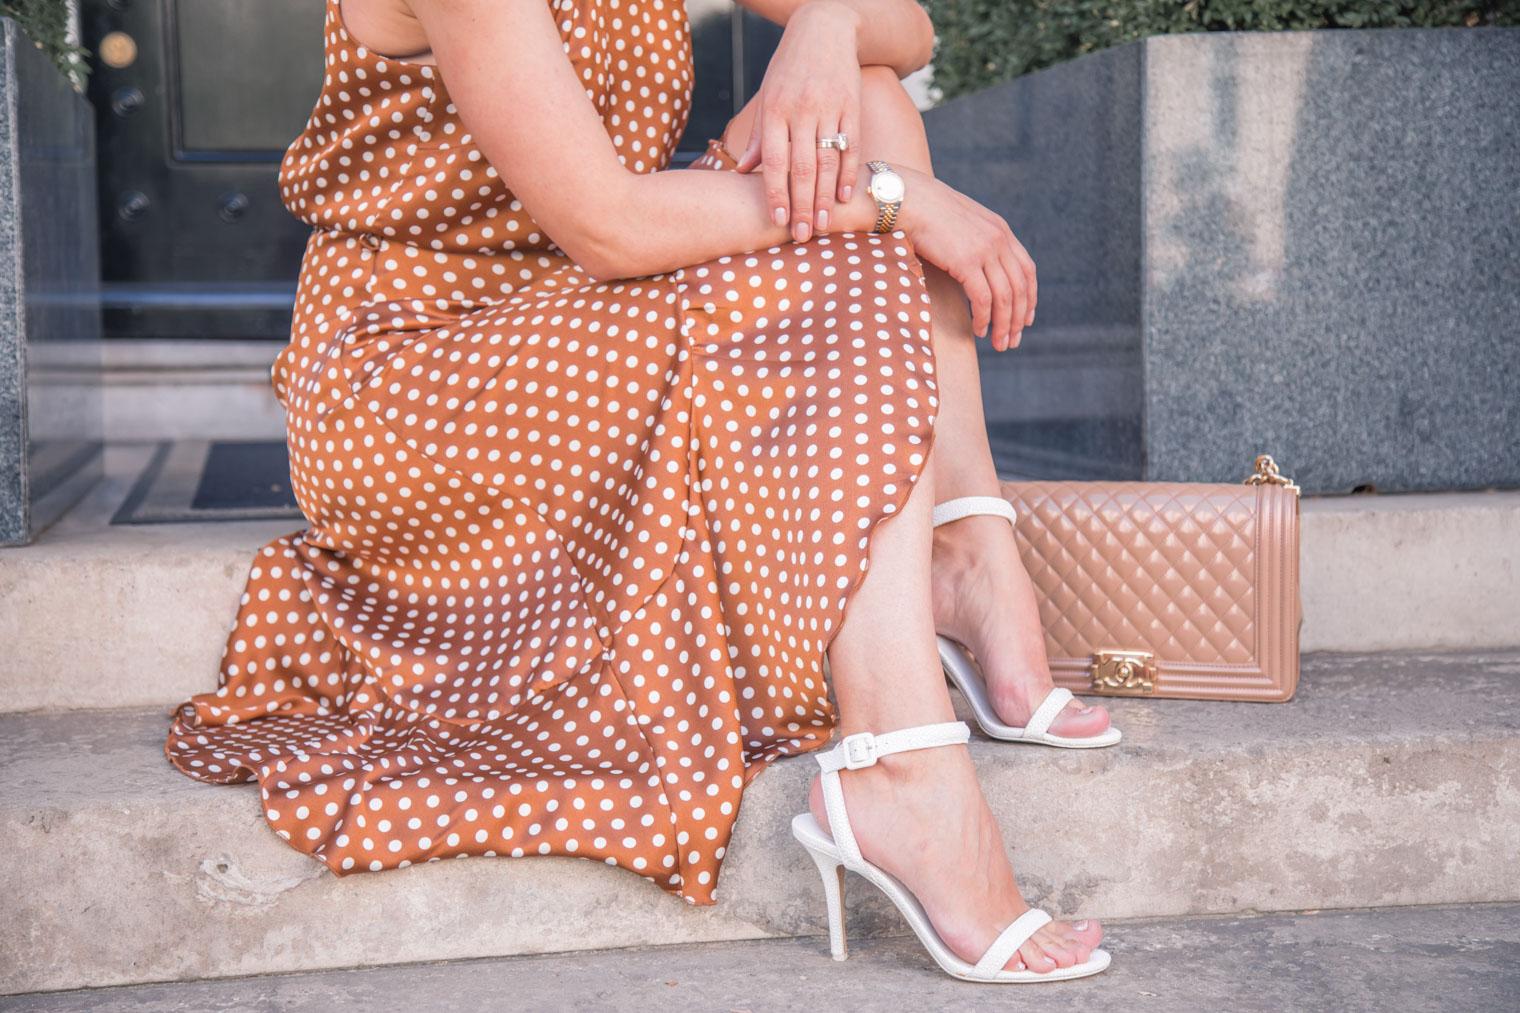 Polka dot dress and Chanel boy handbag